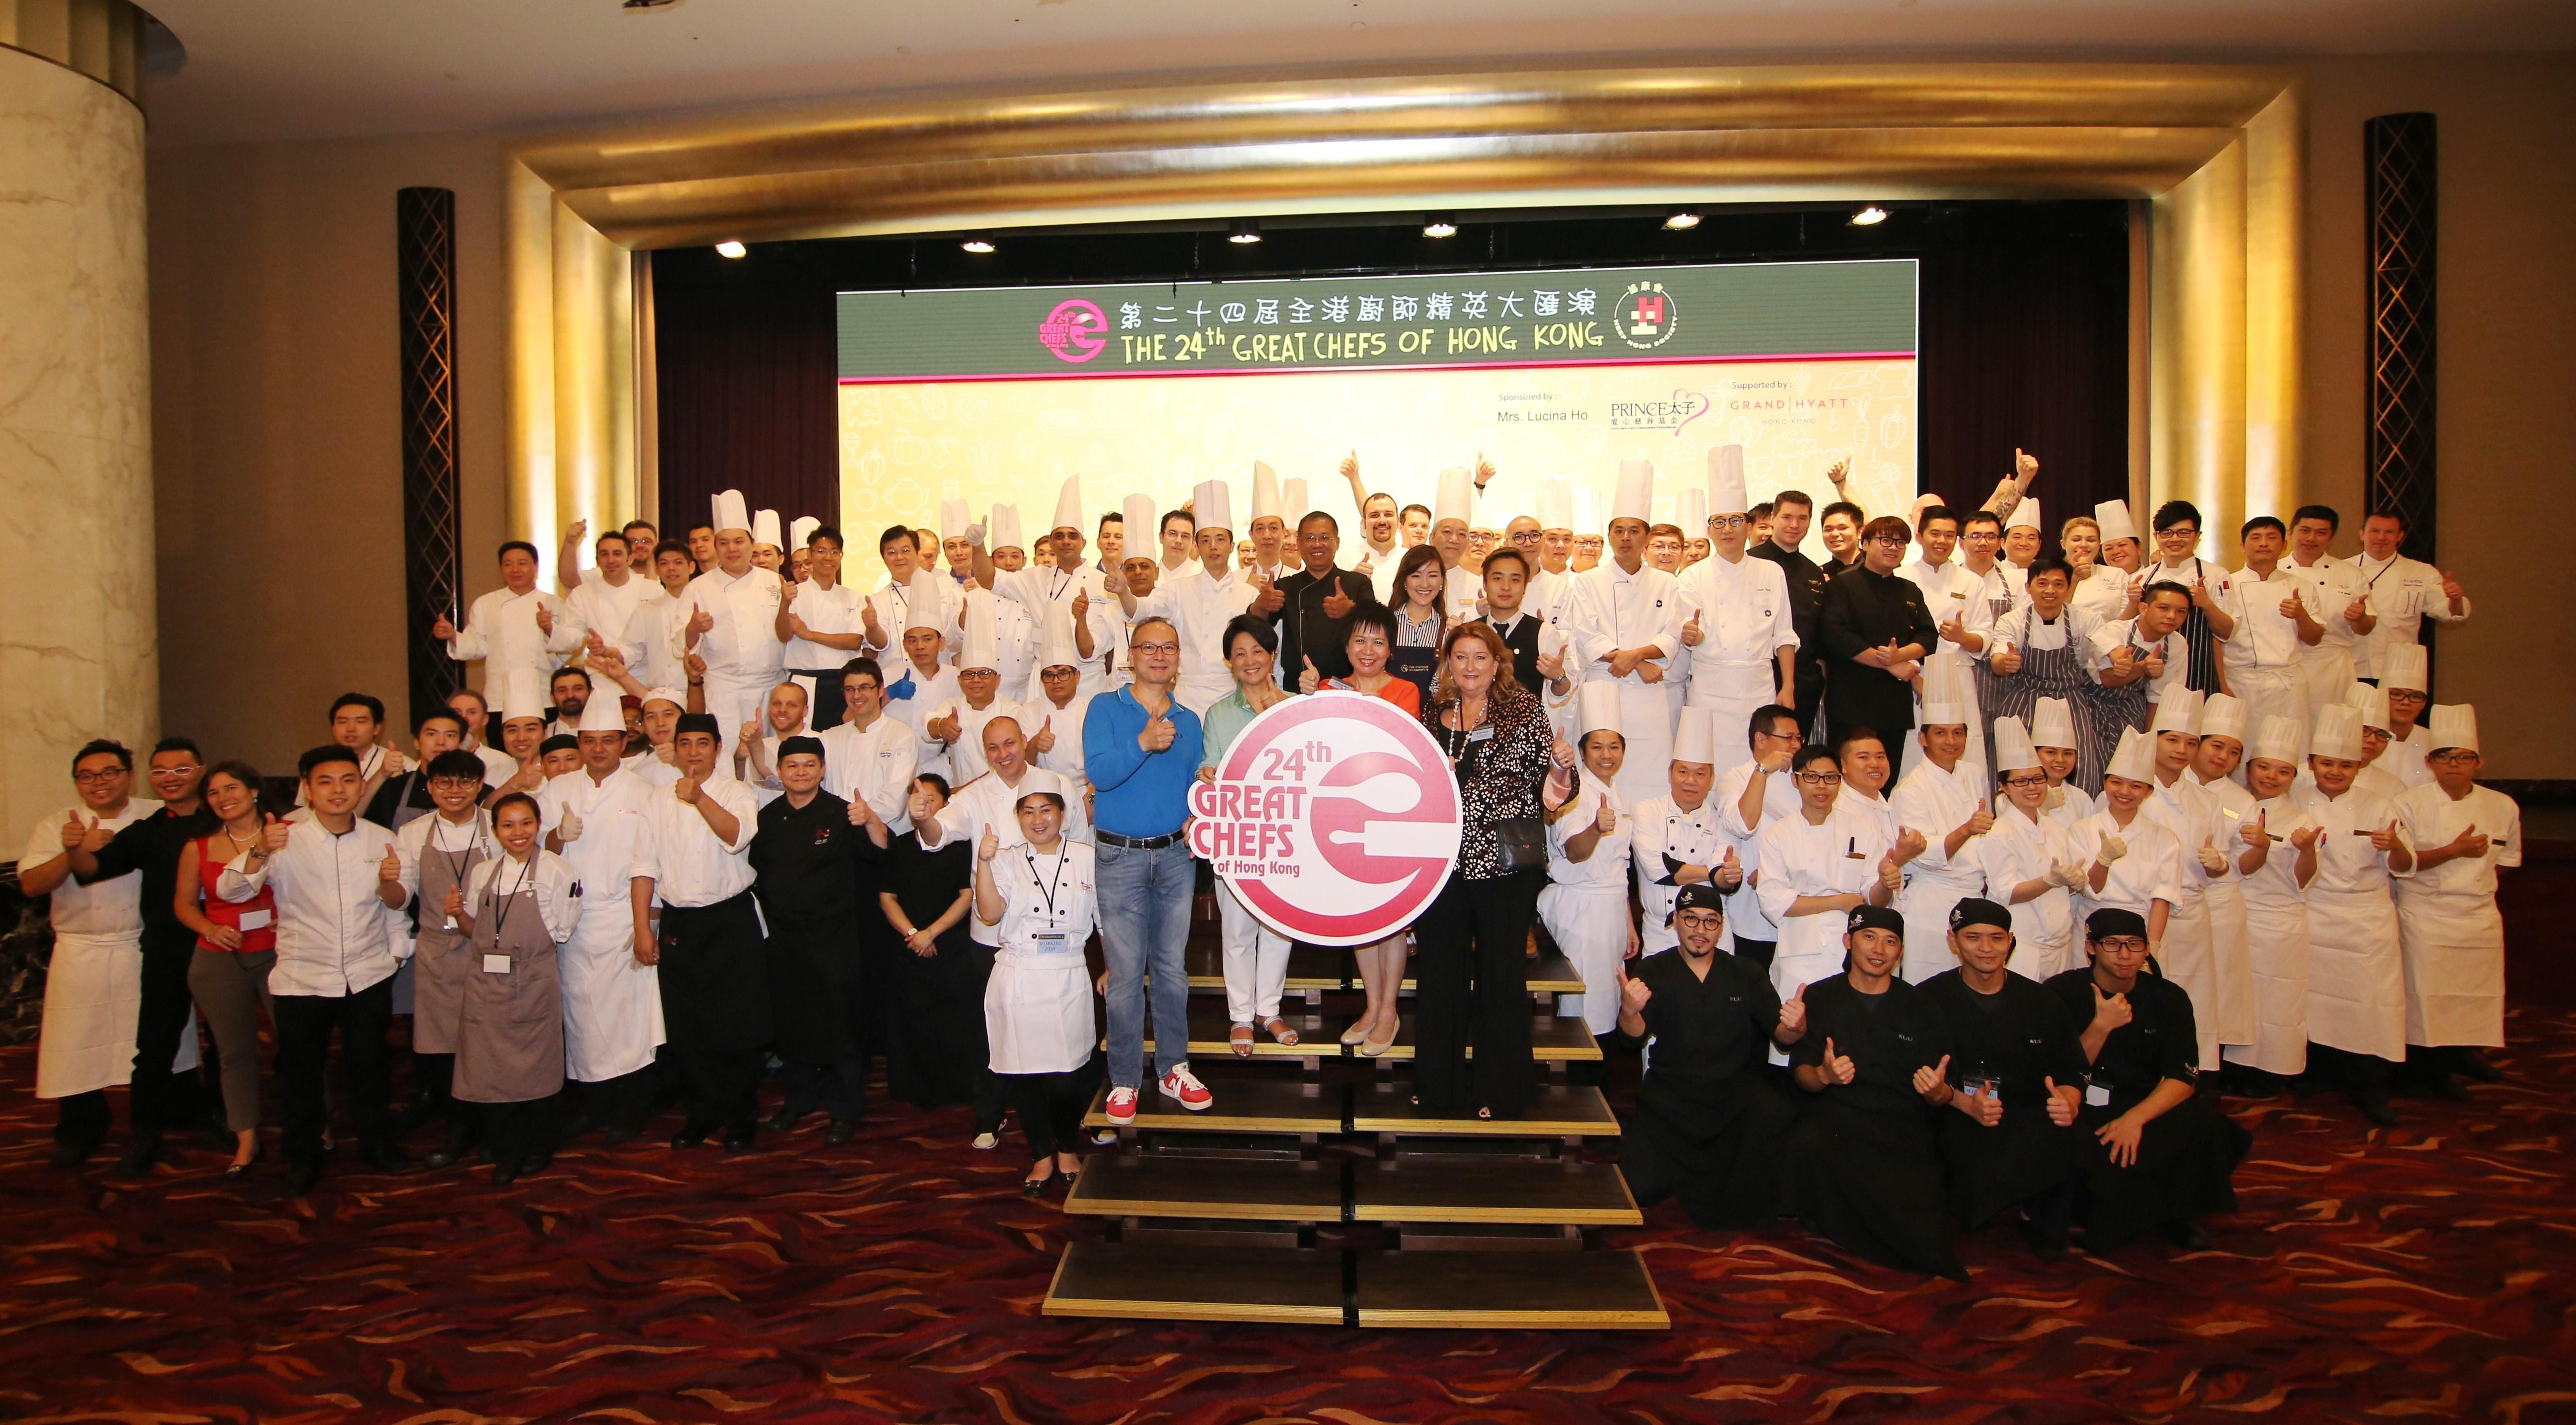 逾100位來自近50家香港高級食府的名廚及參加者到場坐鎮,以支援有特殊需要兒童。